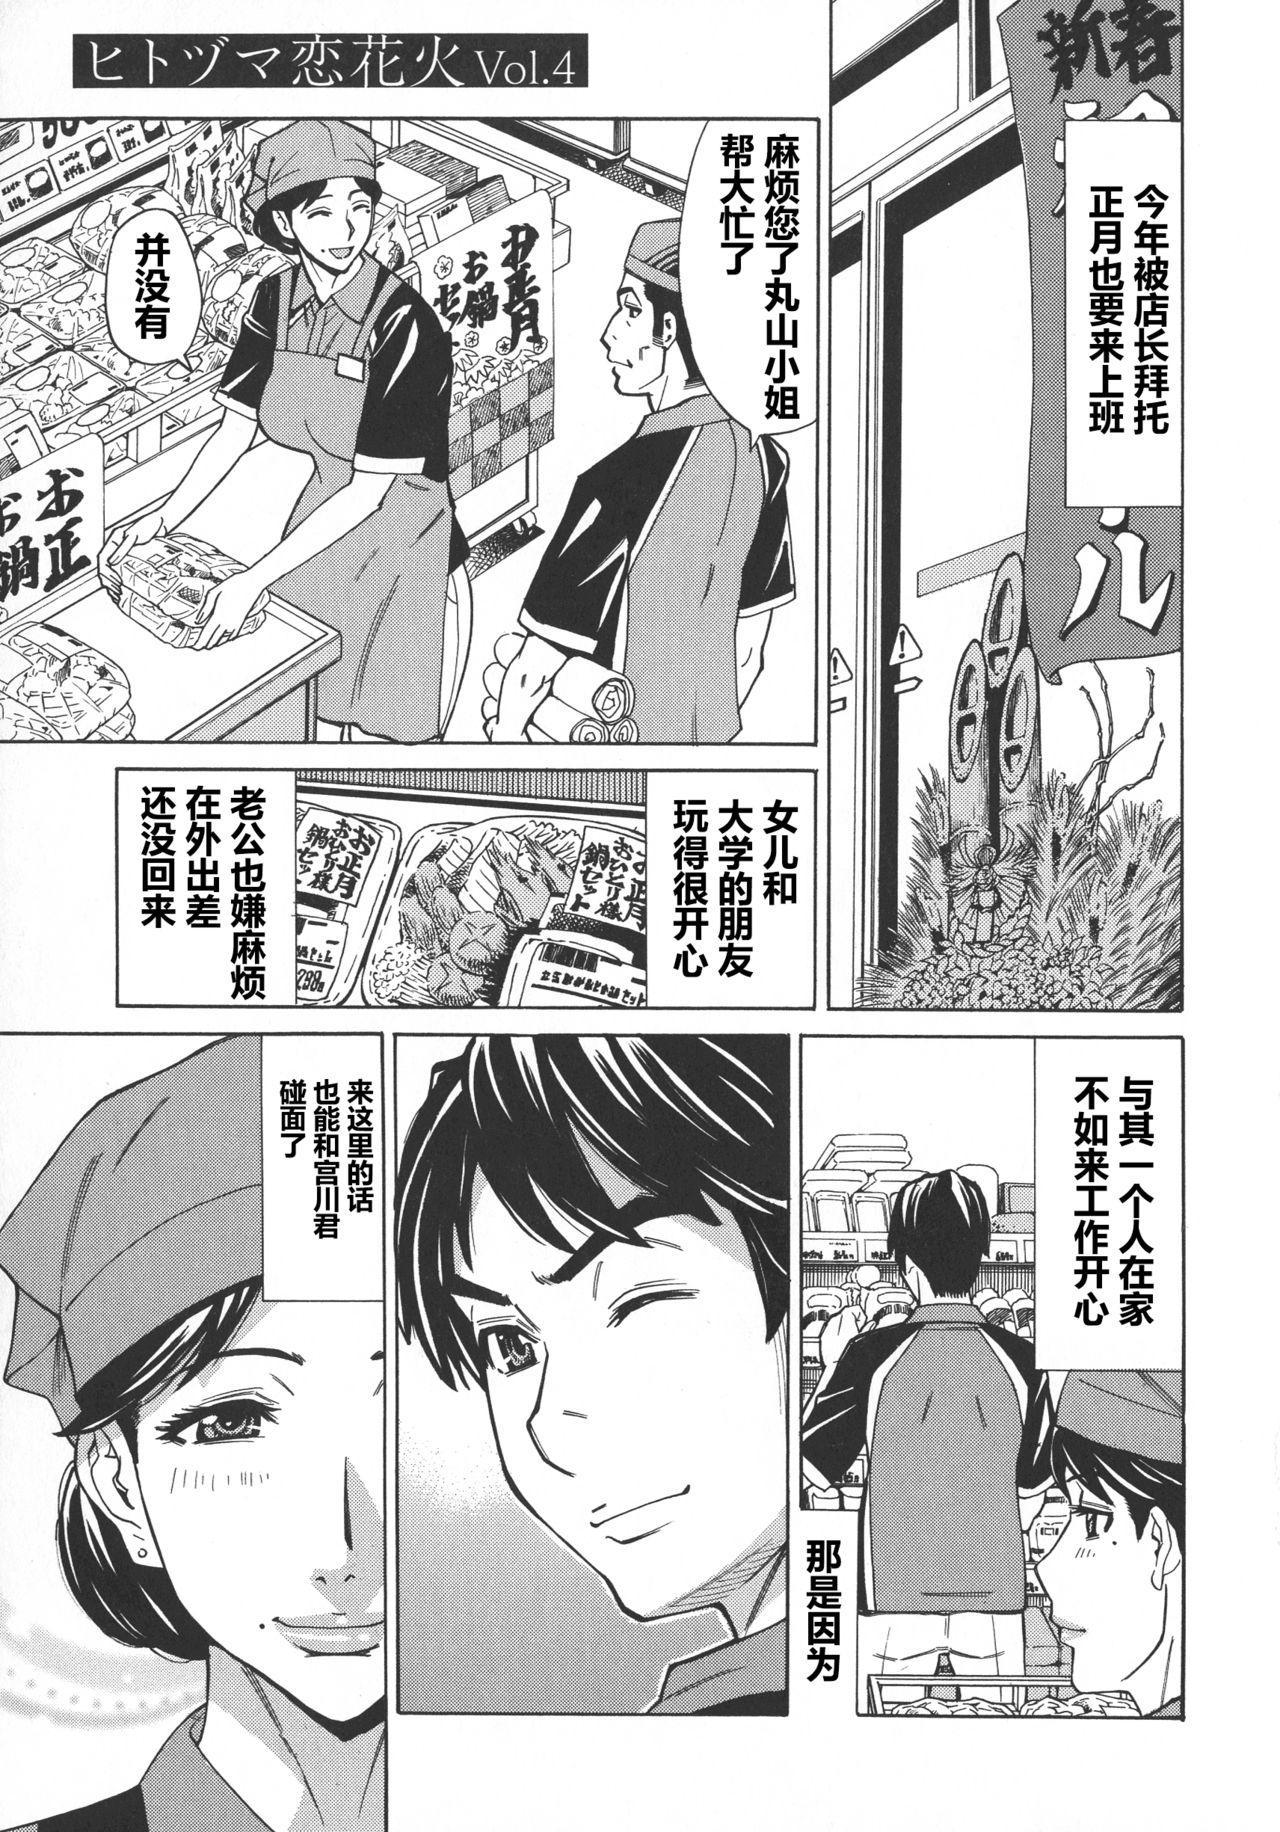 Hitozuma Koi Hanabi ~ Hajimete no Furin ga 3P ni Itaru made .04(chinese)【每天一发的个人汉化】 0